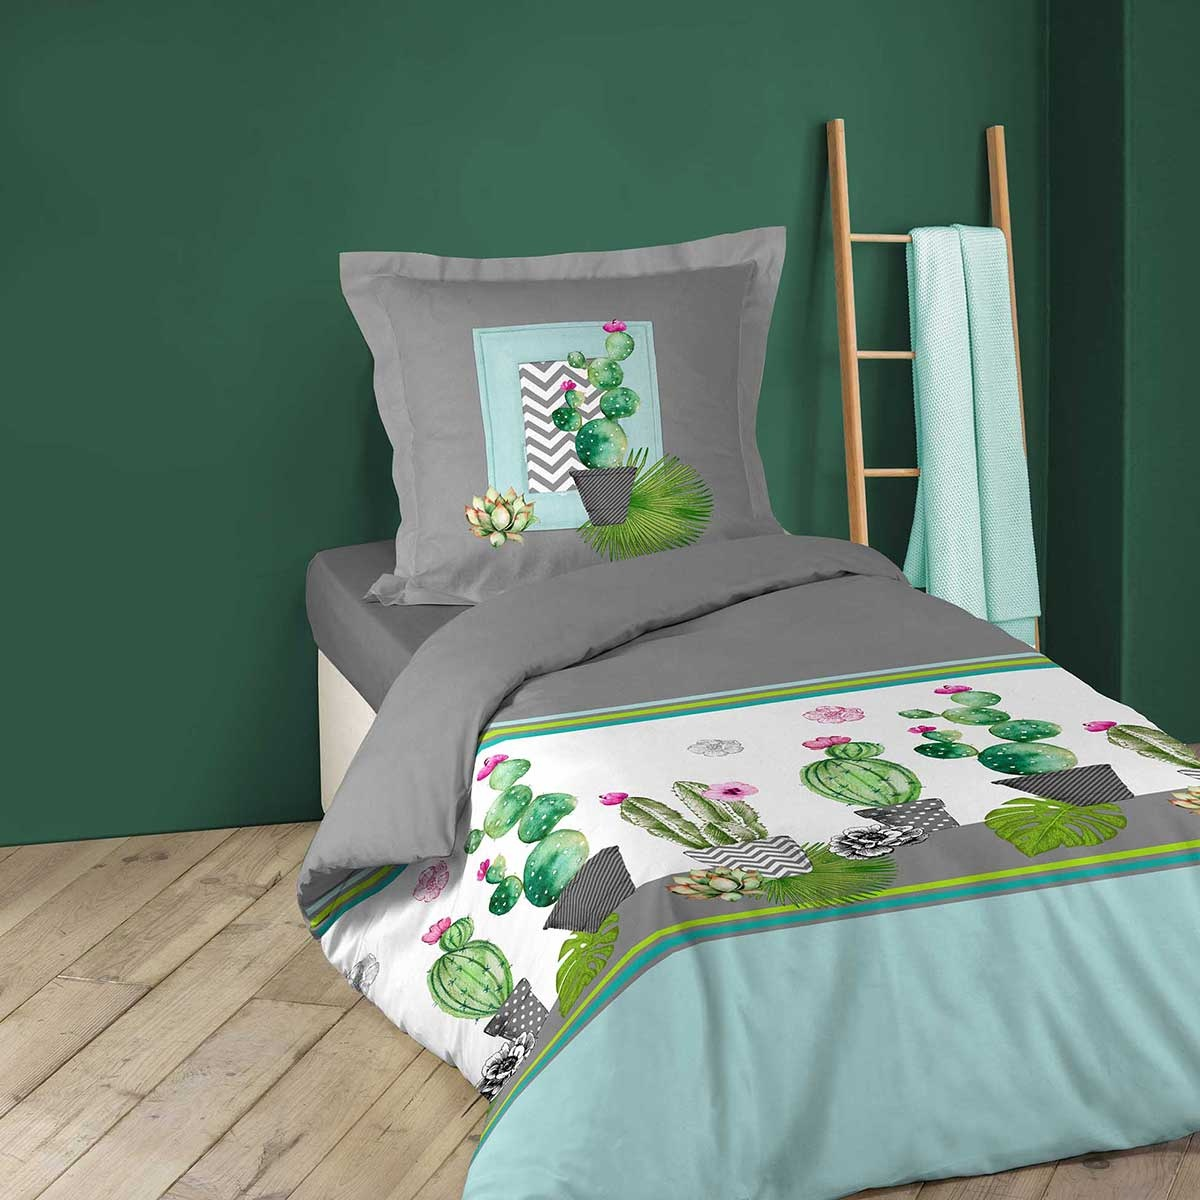 parure de couette imprim e cactus multicolore homemaison vente en ligne parures de lit. Black Bedroom Furniture Sets. Home Design Ideas